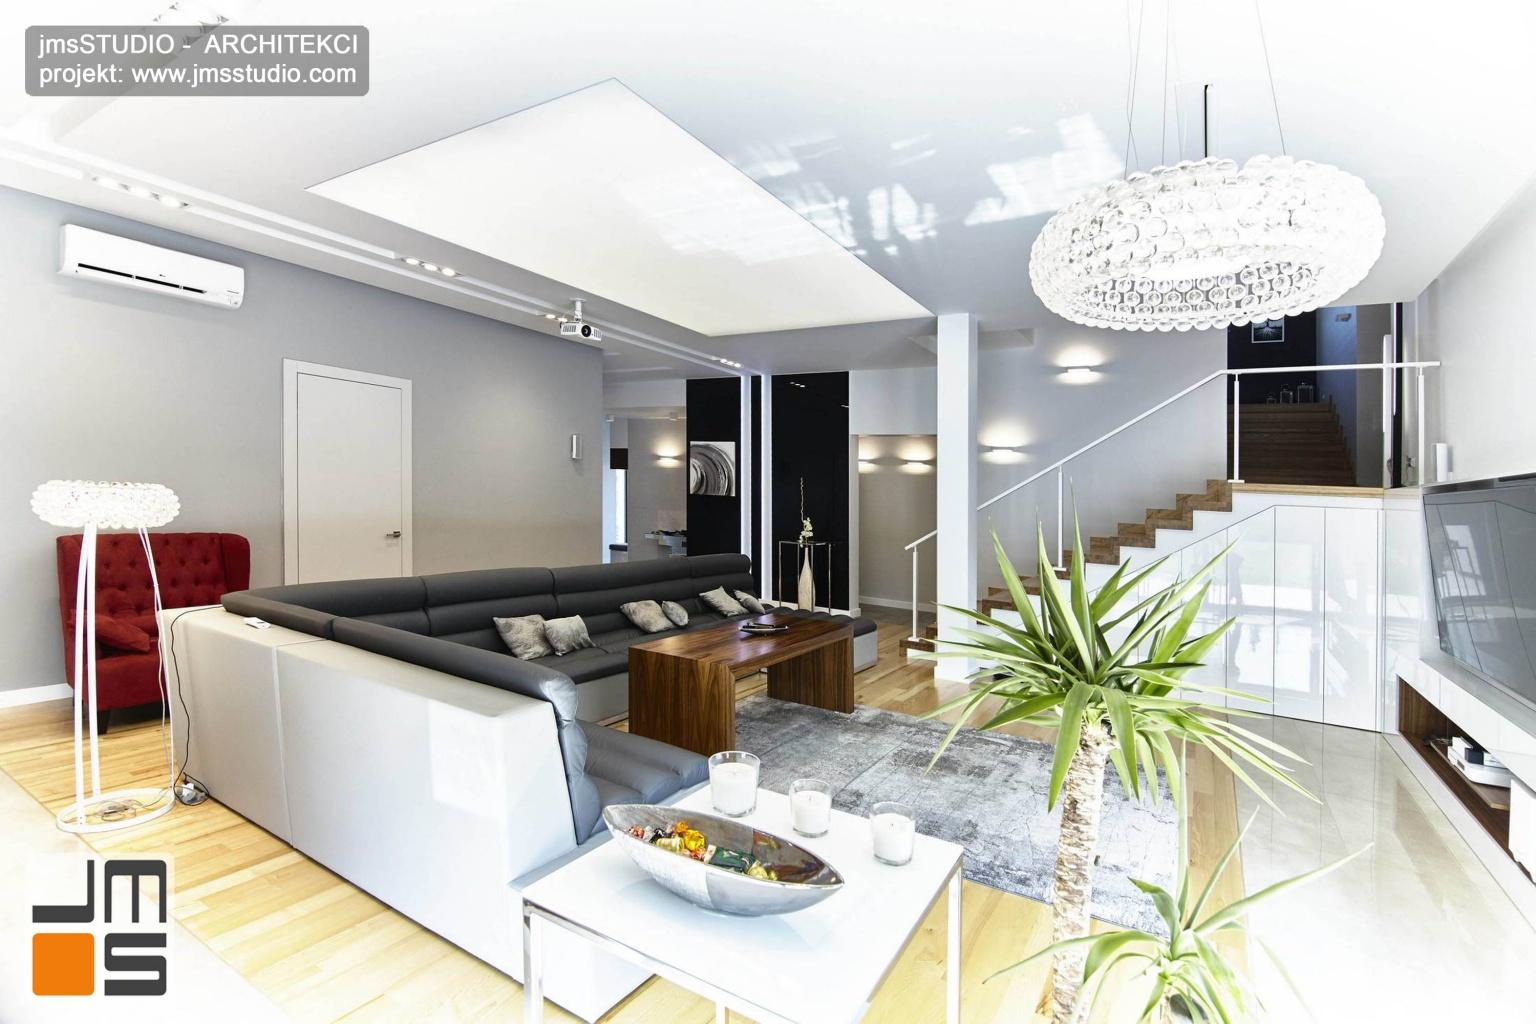 2018 06 pod Poznaniem w projekcie wnętrz wykorzystano przestrzeń pod schodami w salonie  jako miejsce na ciekawą zabudowę meblową z lakierowanymi na biało frontami